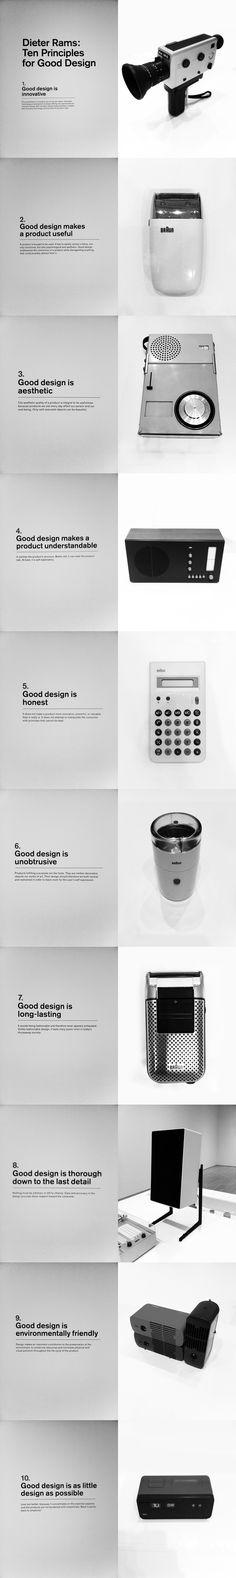 Deiter Rams: Ten Principles for Good Design.